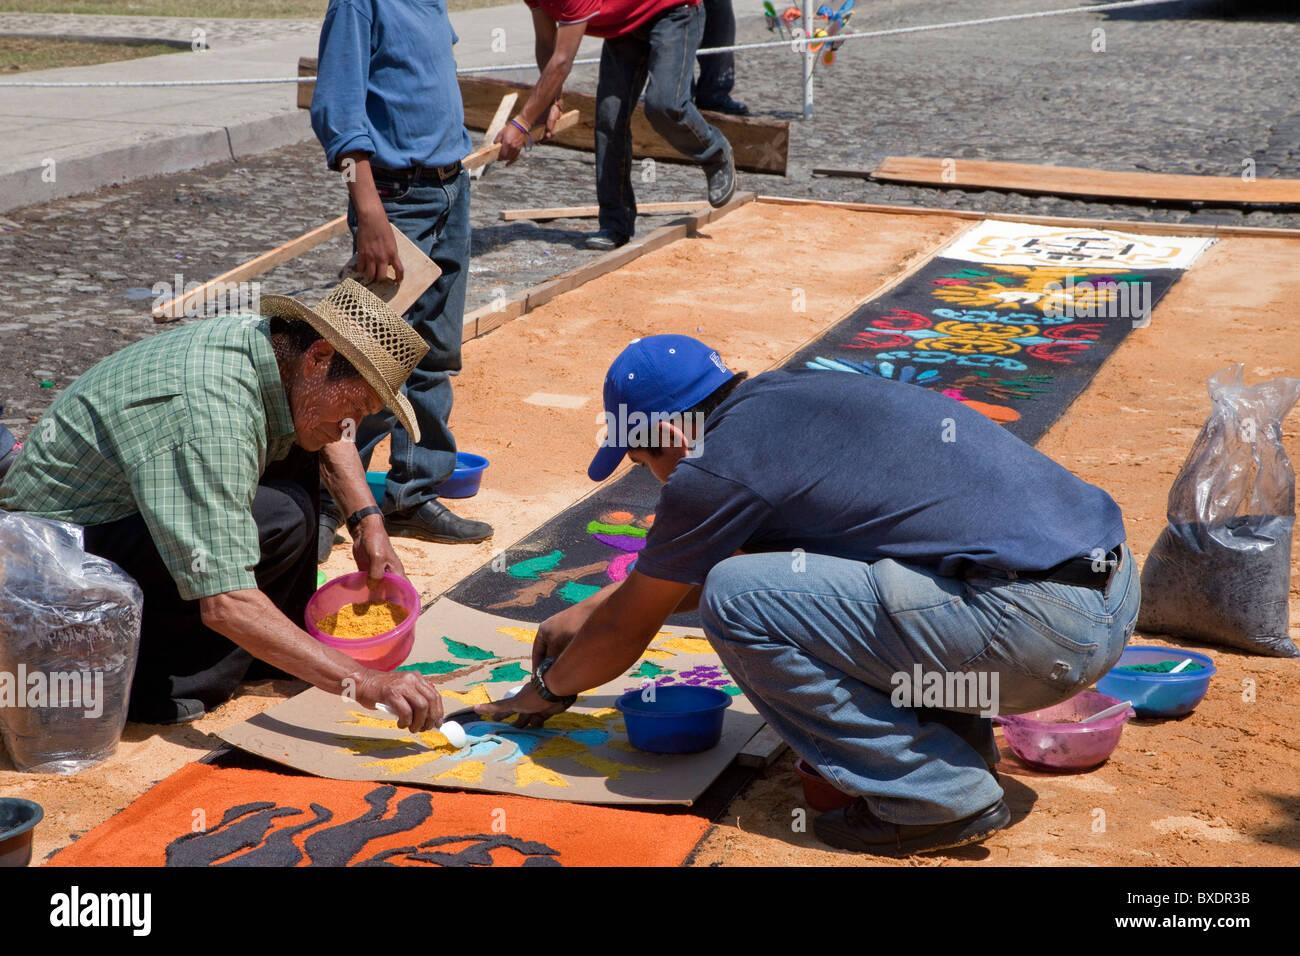 Antigua, Guatemala. Utilizzando uno stencil per terminare un alfombra di segatura colorata in anticipo di una processione Immagini Stock